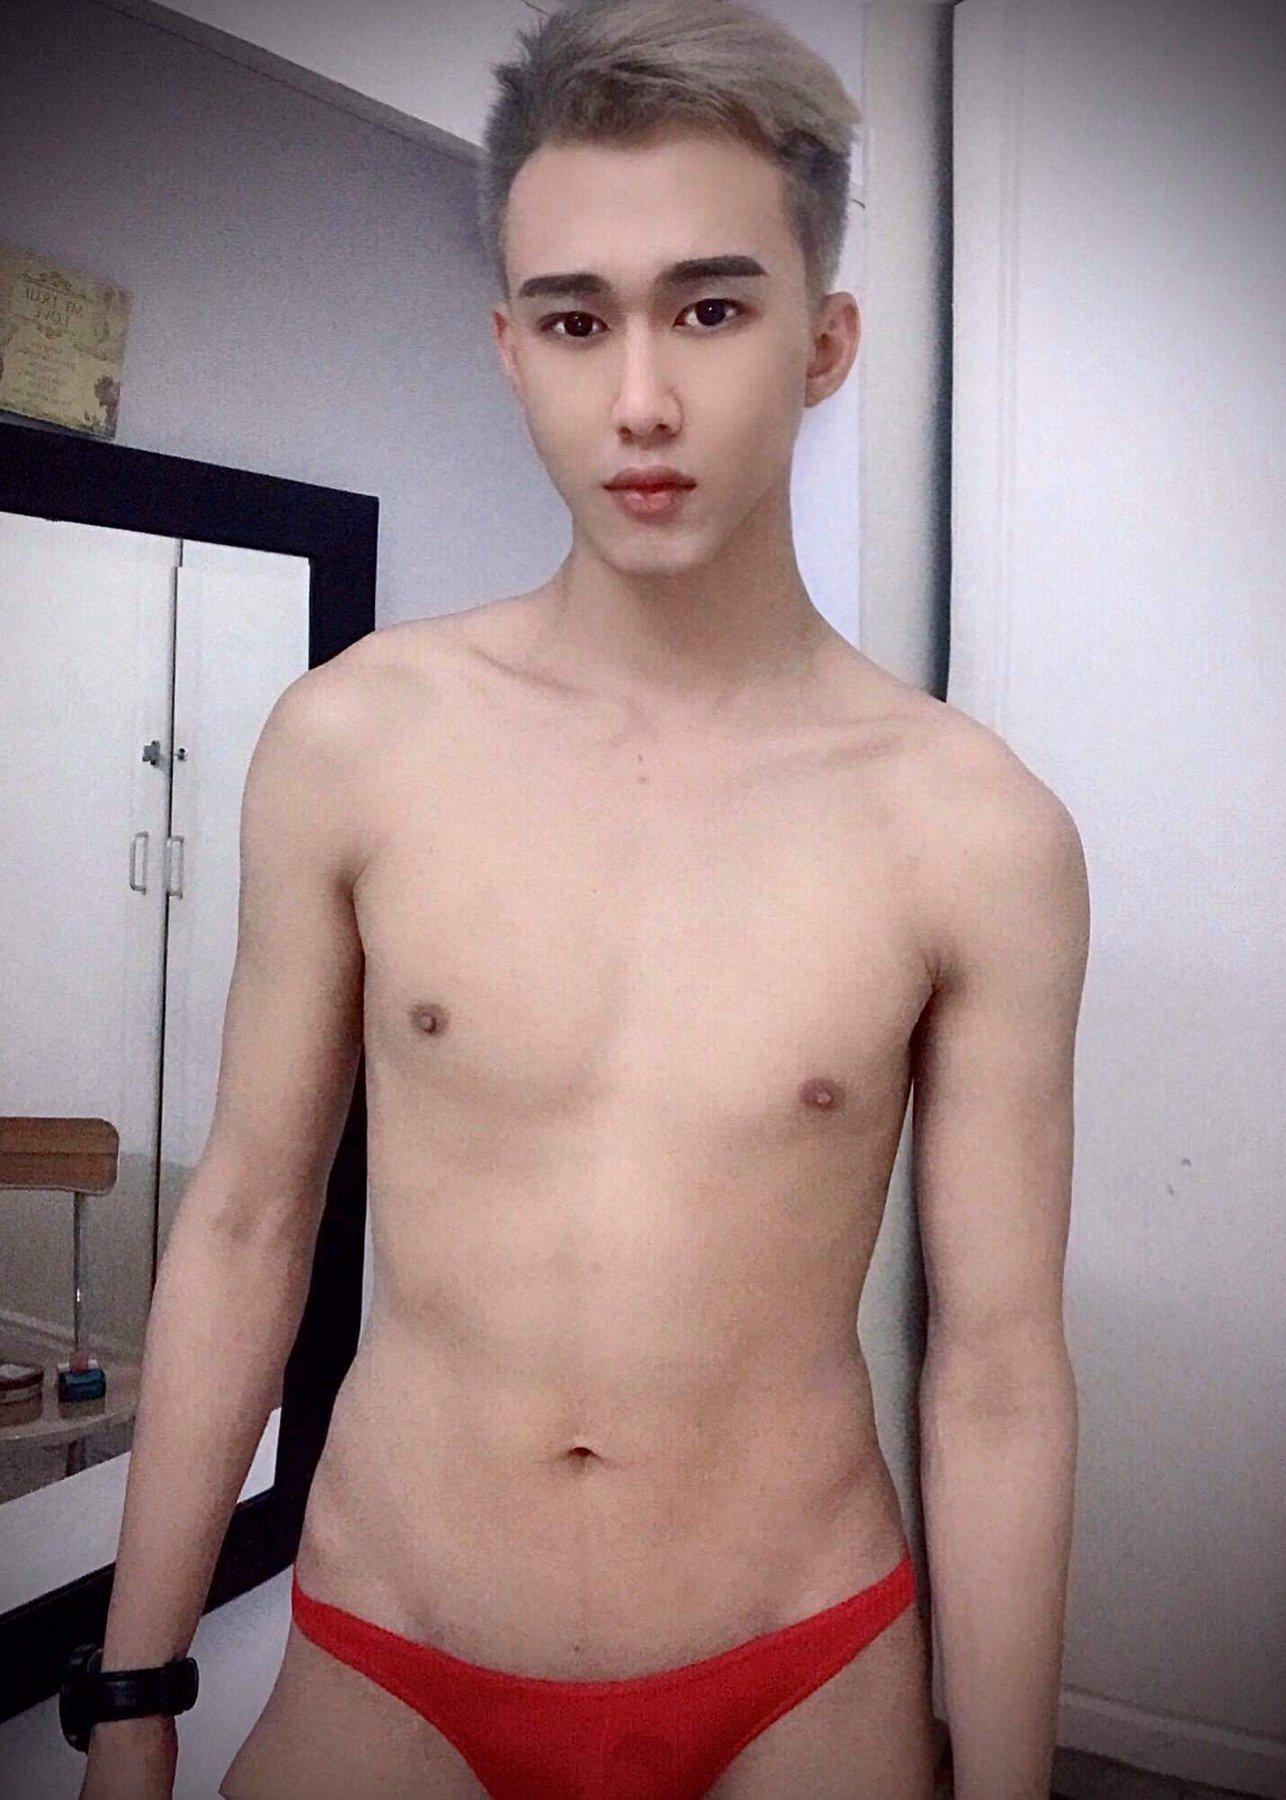 Fabian gay porn star